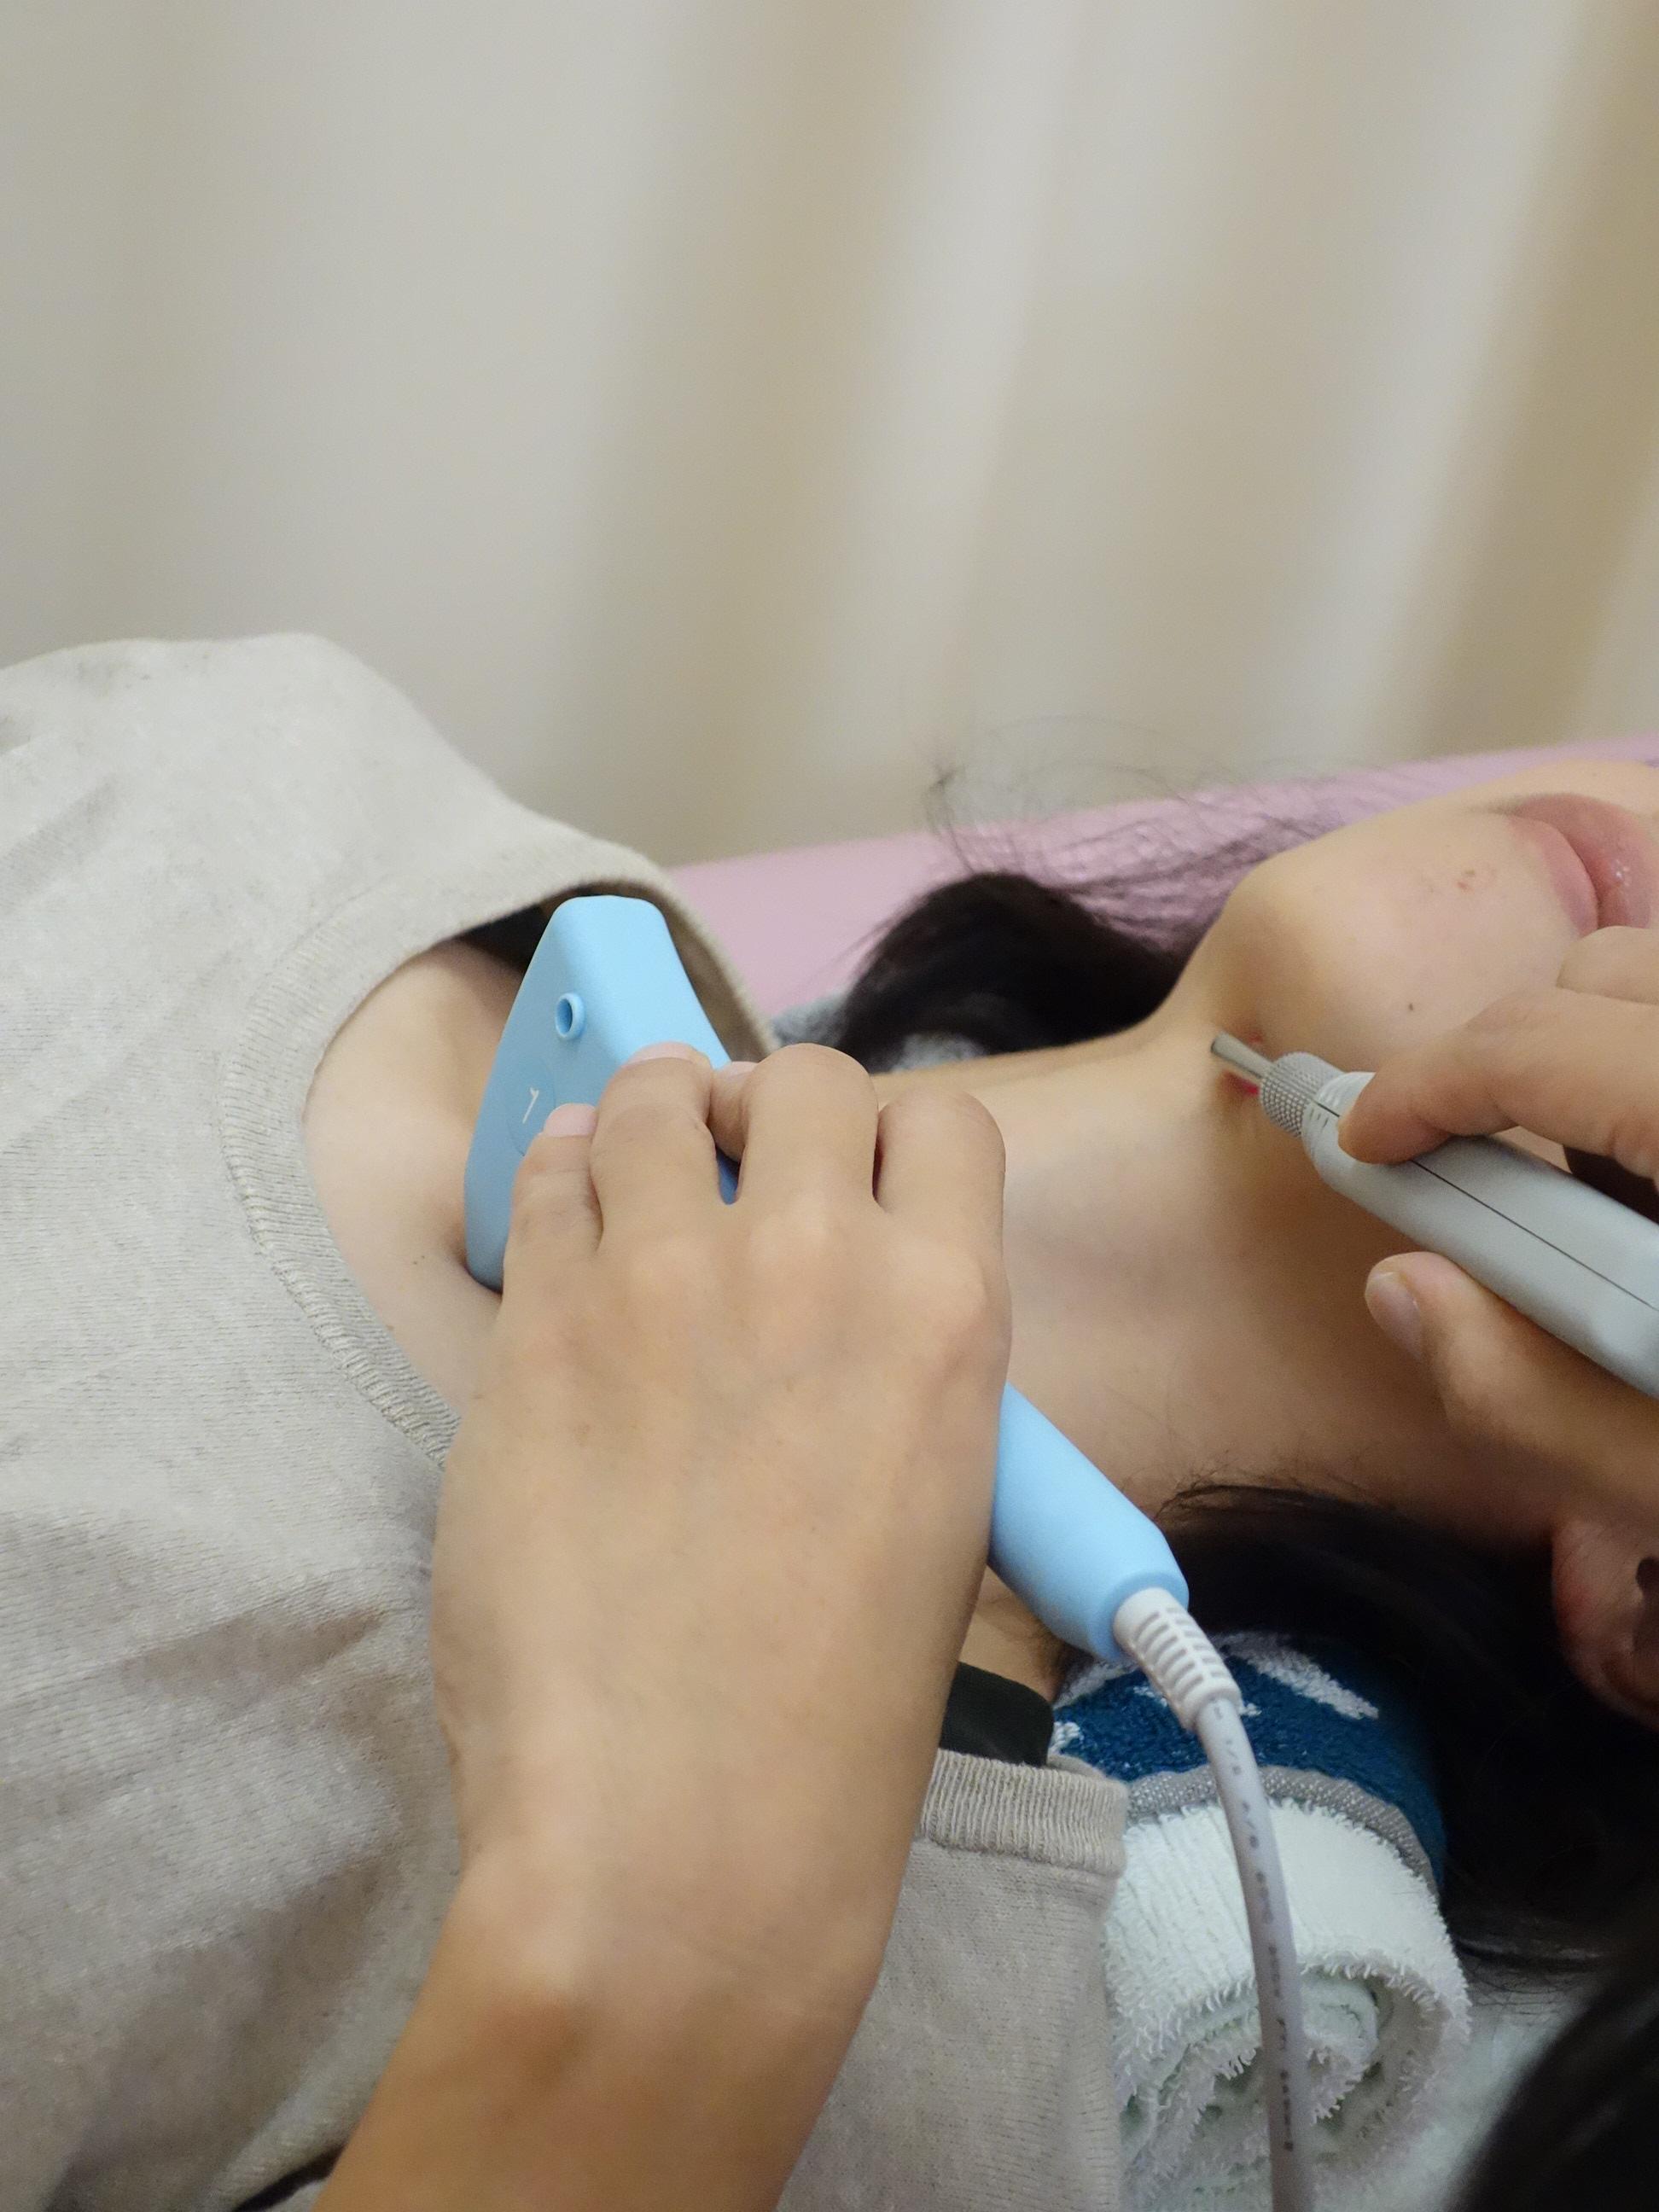 脊柱管狭窄症の遠絡(えんらく)療法の治療をしている女性